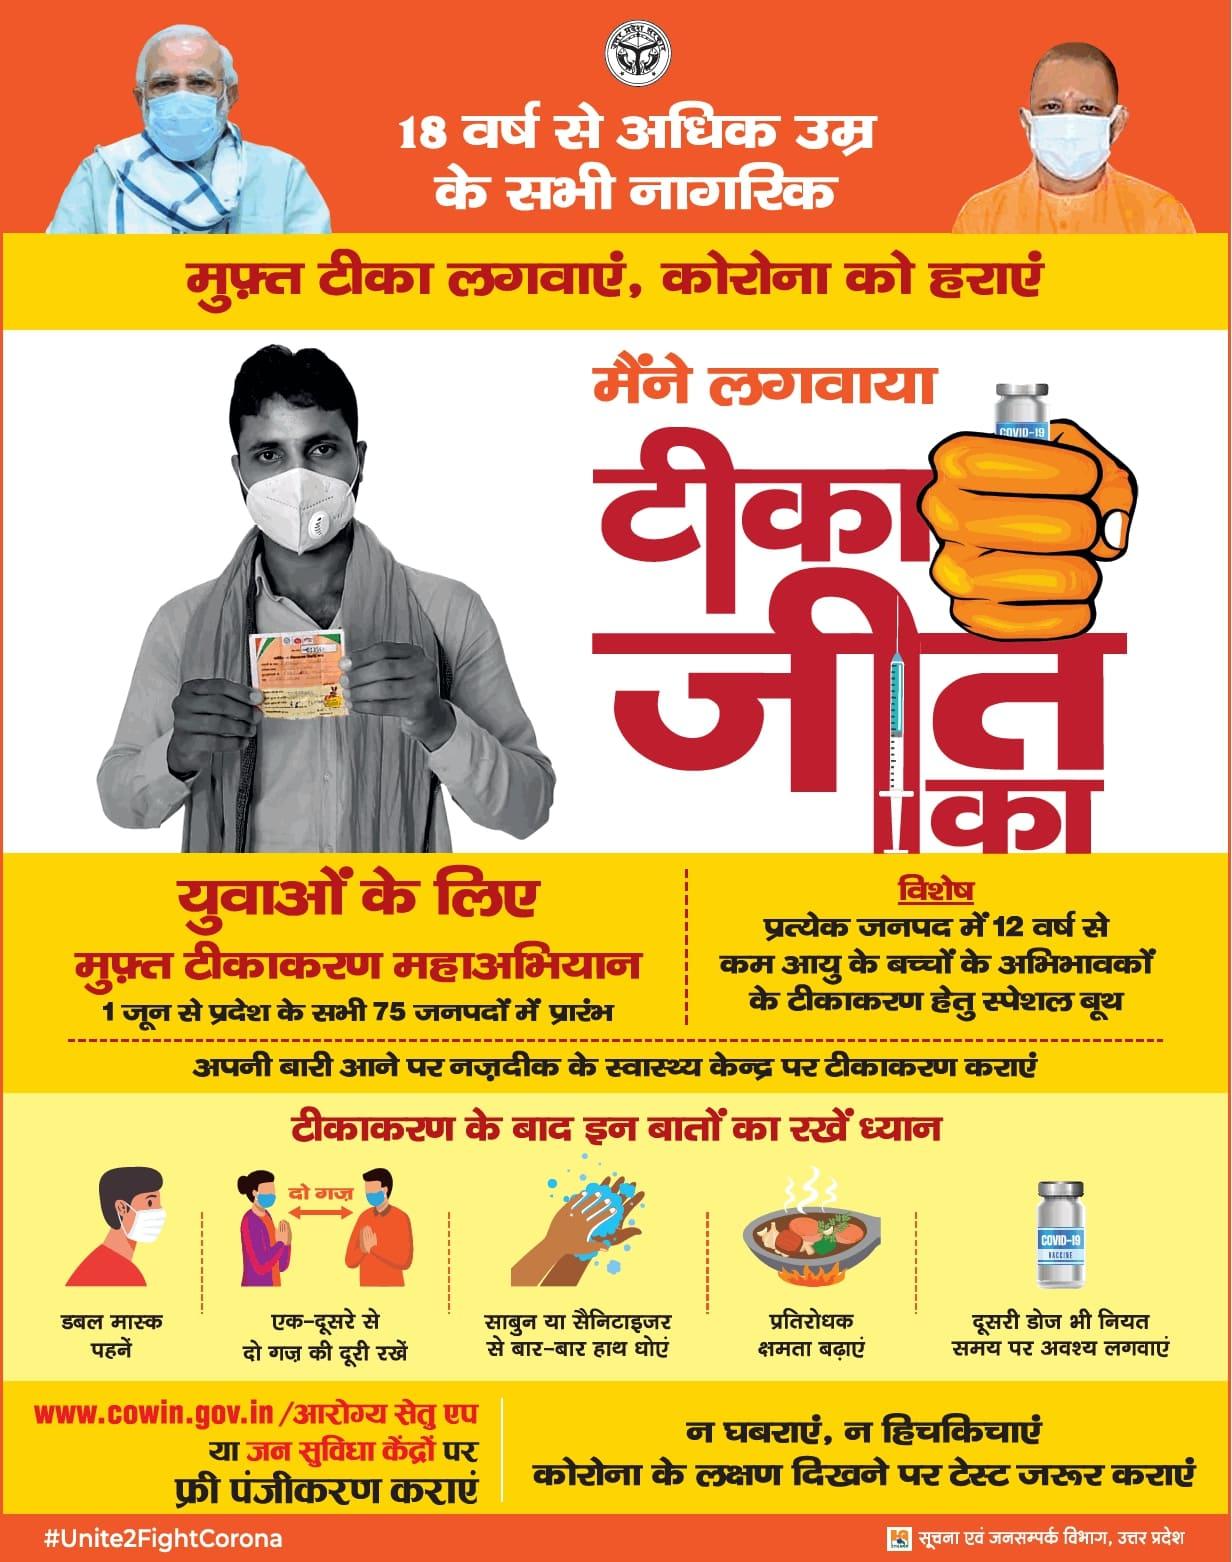 govt-of-india-unite-2-fight-corona-ad-times-of-india-delhi-01-06-2021